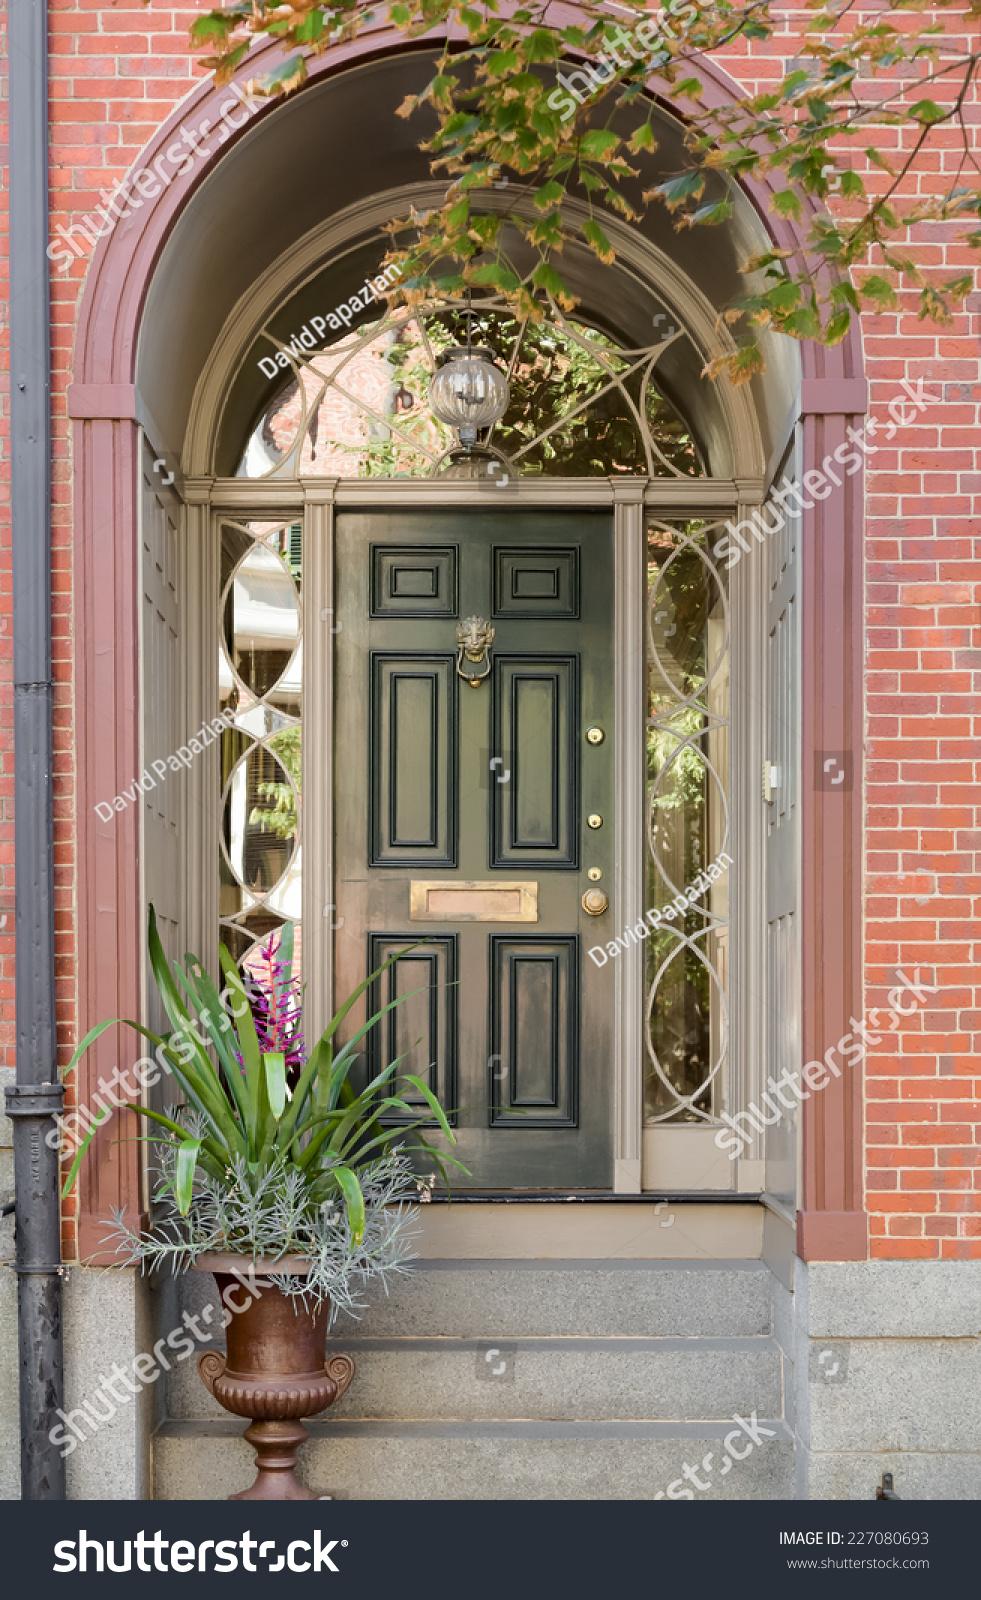 Green Front Door Under Brick Arch Stock Photo Edit Now 227080693